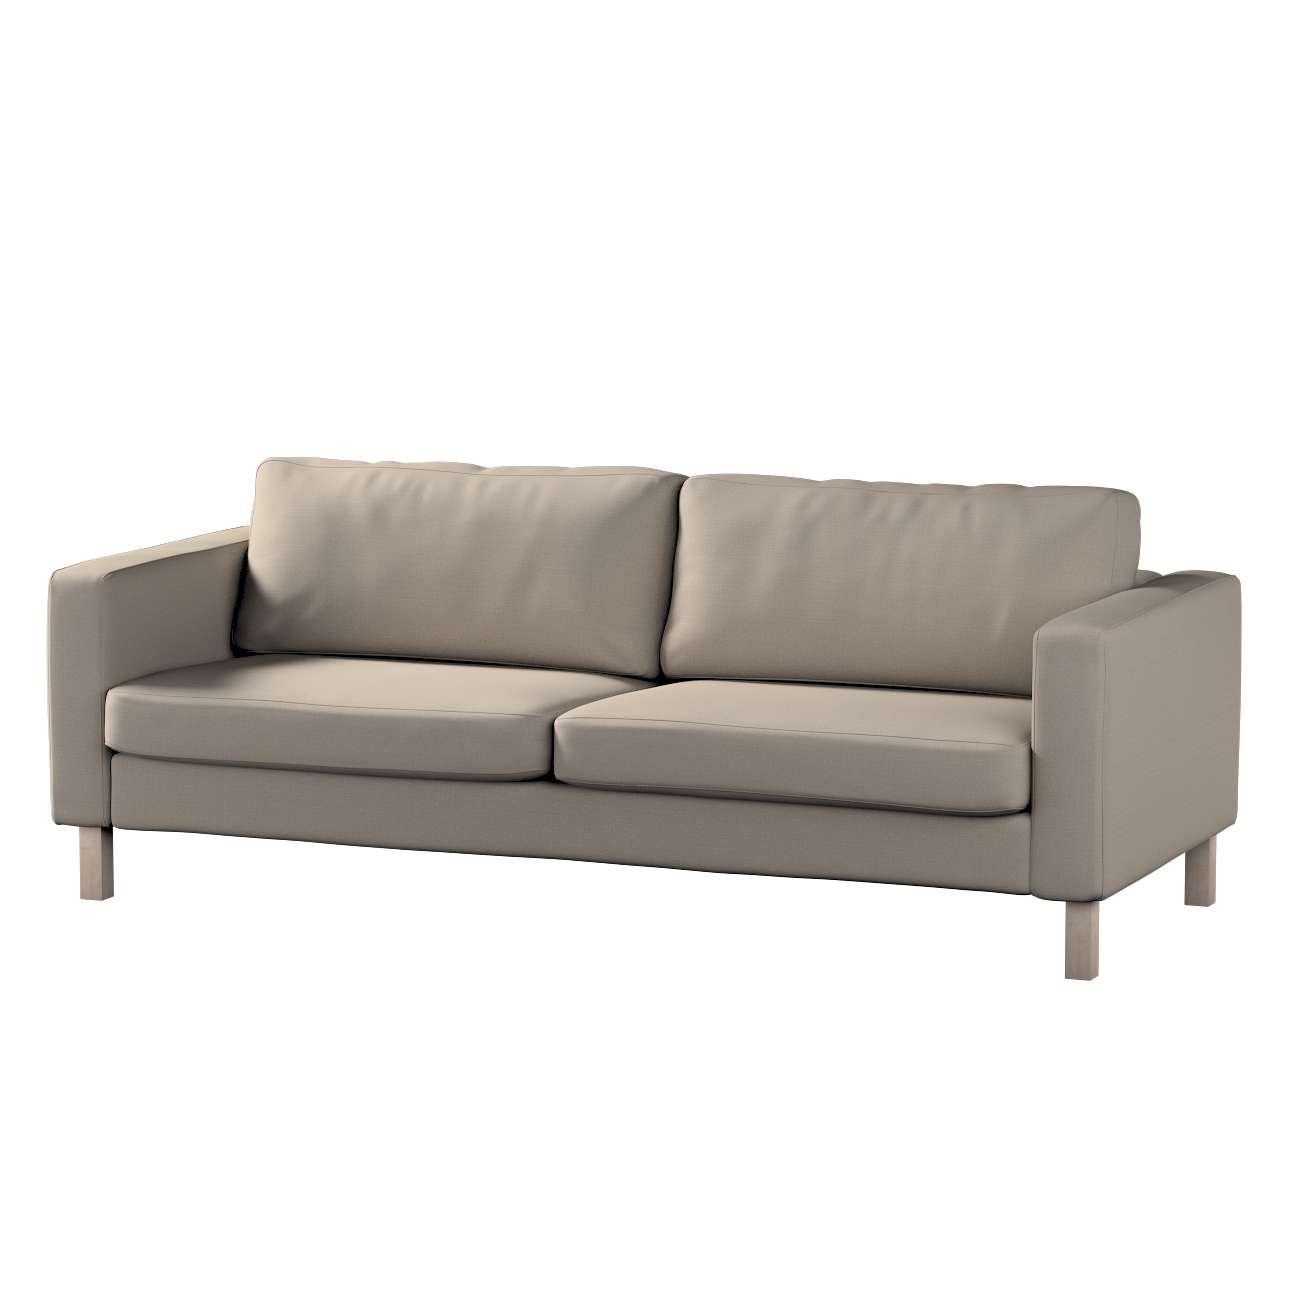 Potah na pohovku IKEA  Karlstad 3-místná, nerozkládací, krátký v kolekci Living, látka: 161-53